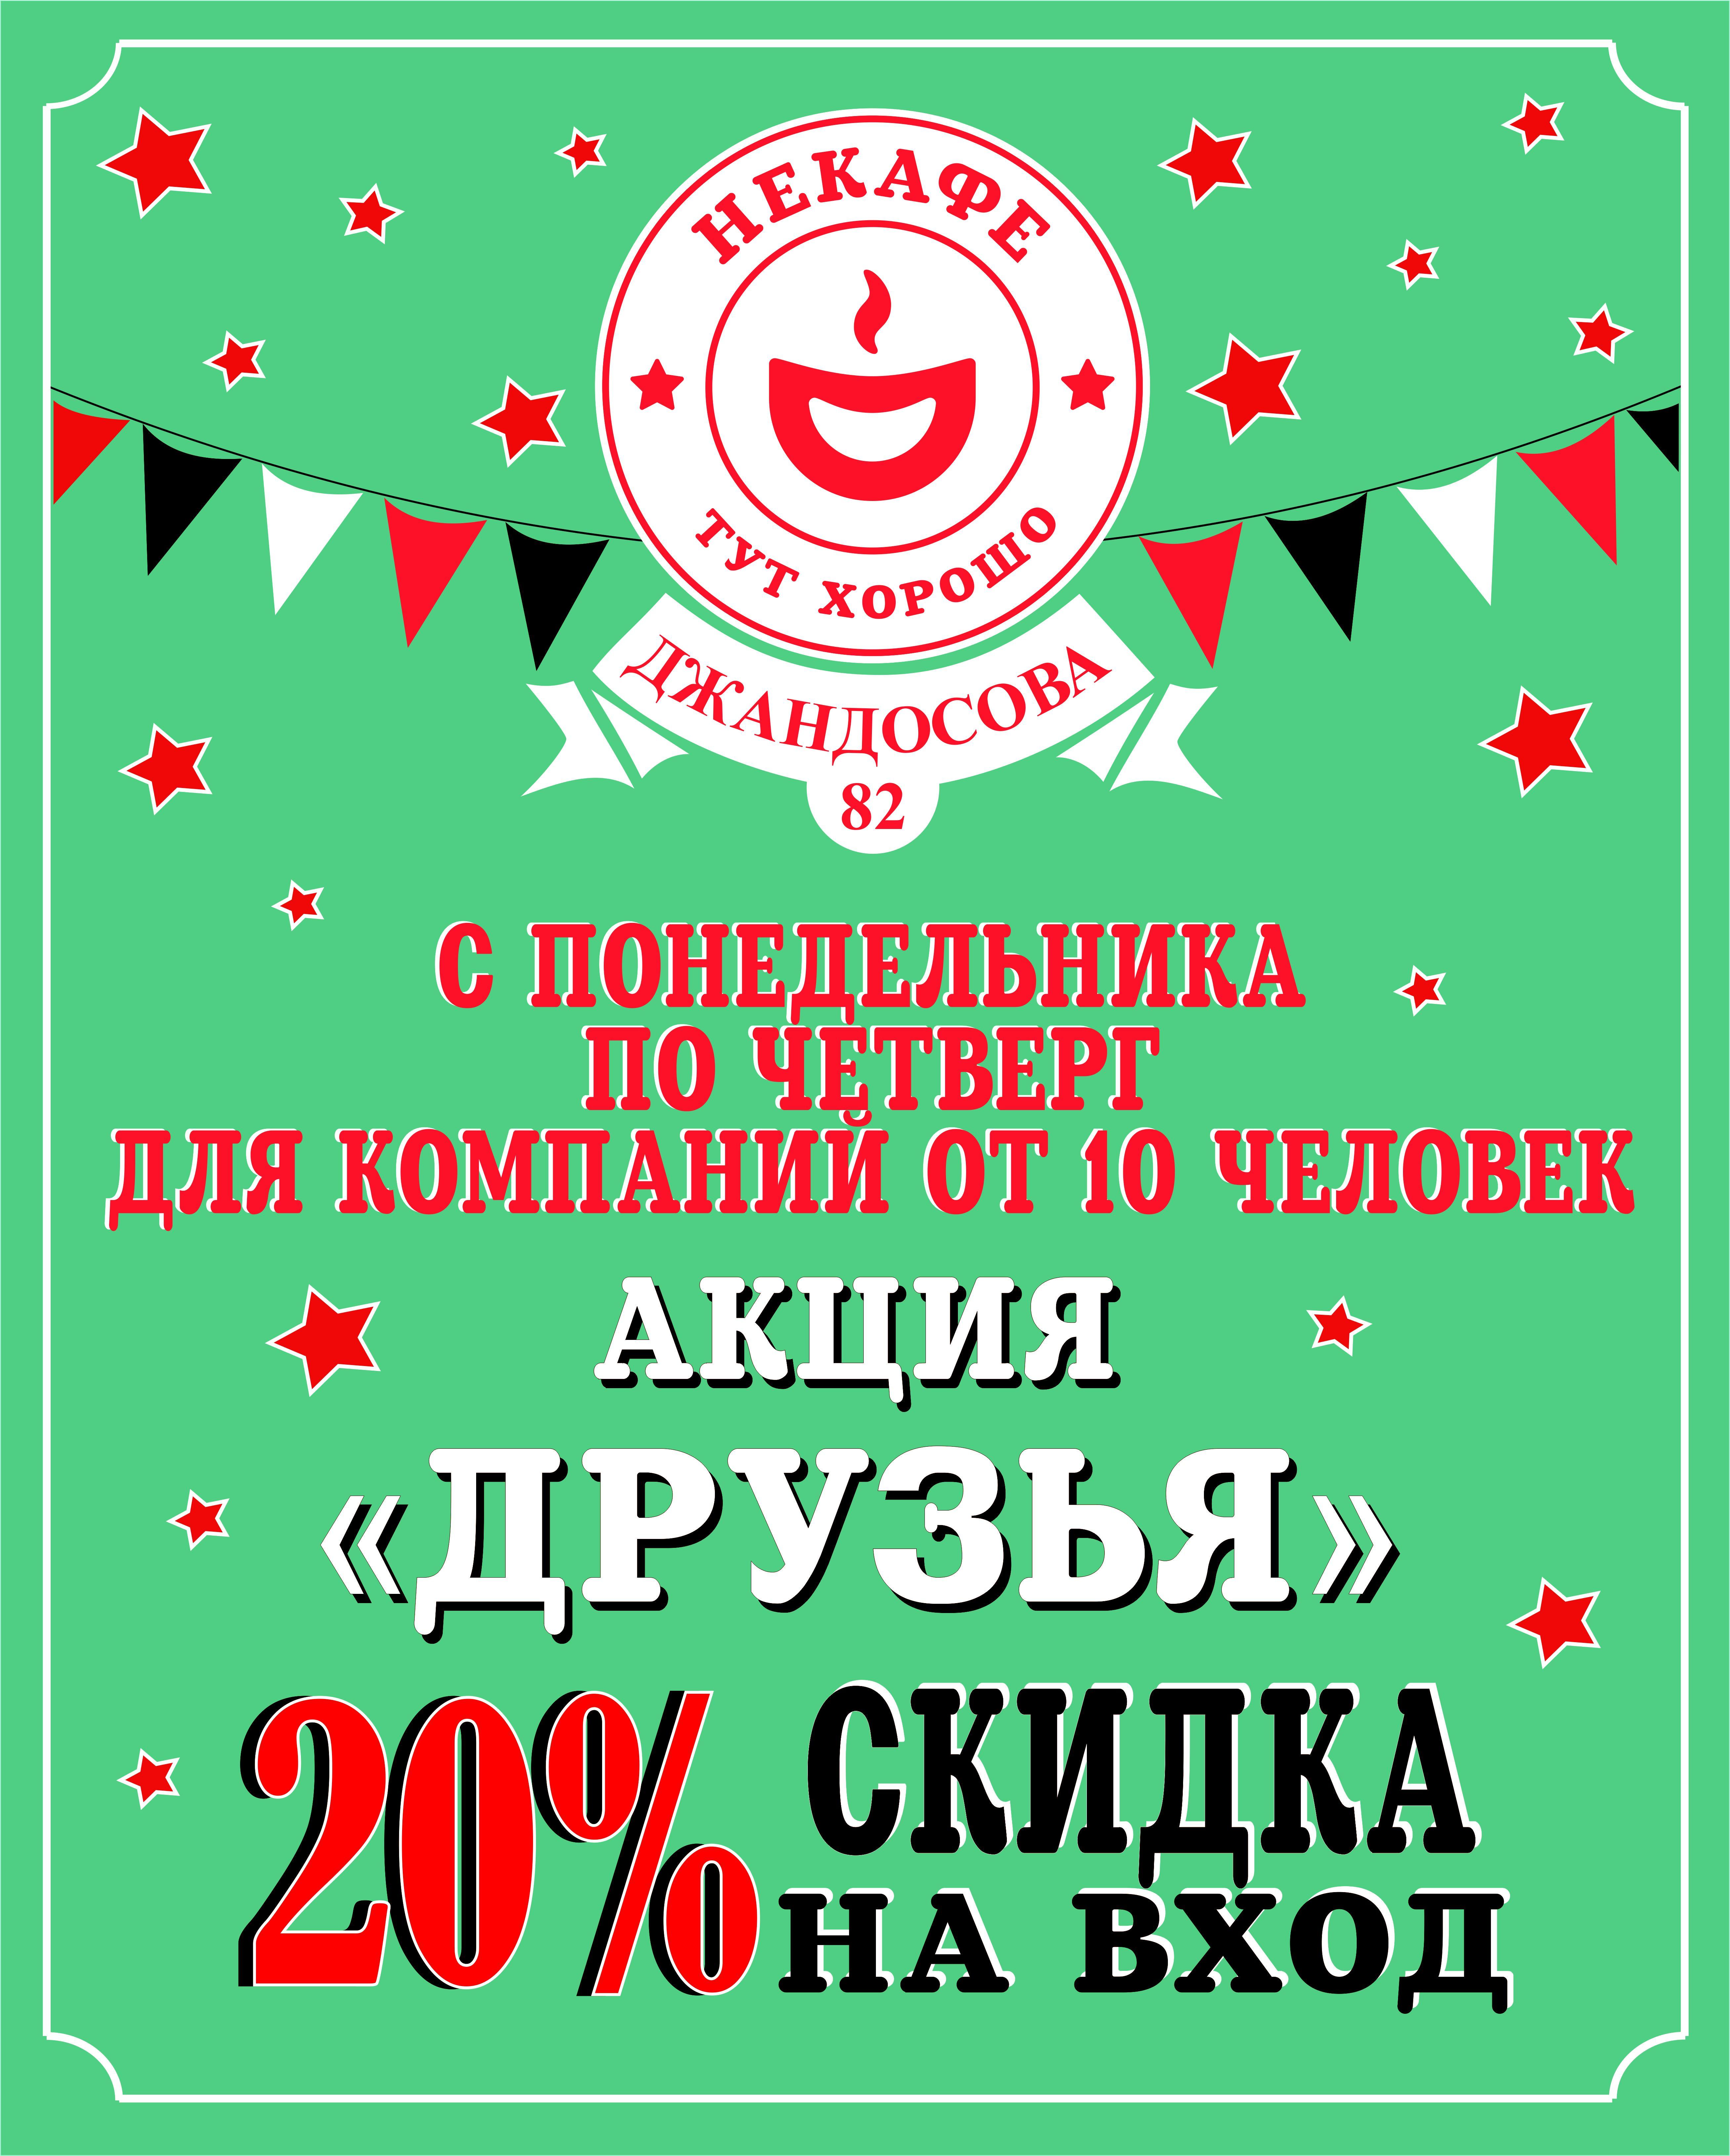 akcia_ponpyat